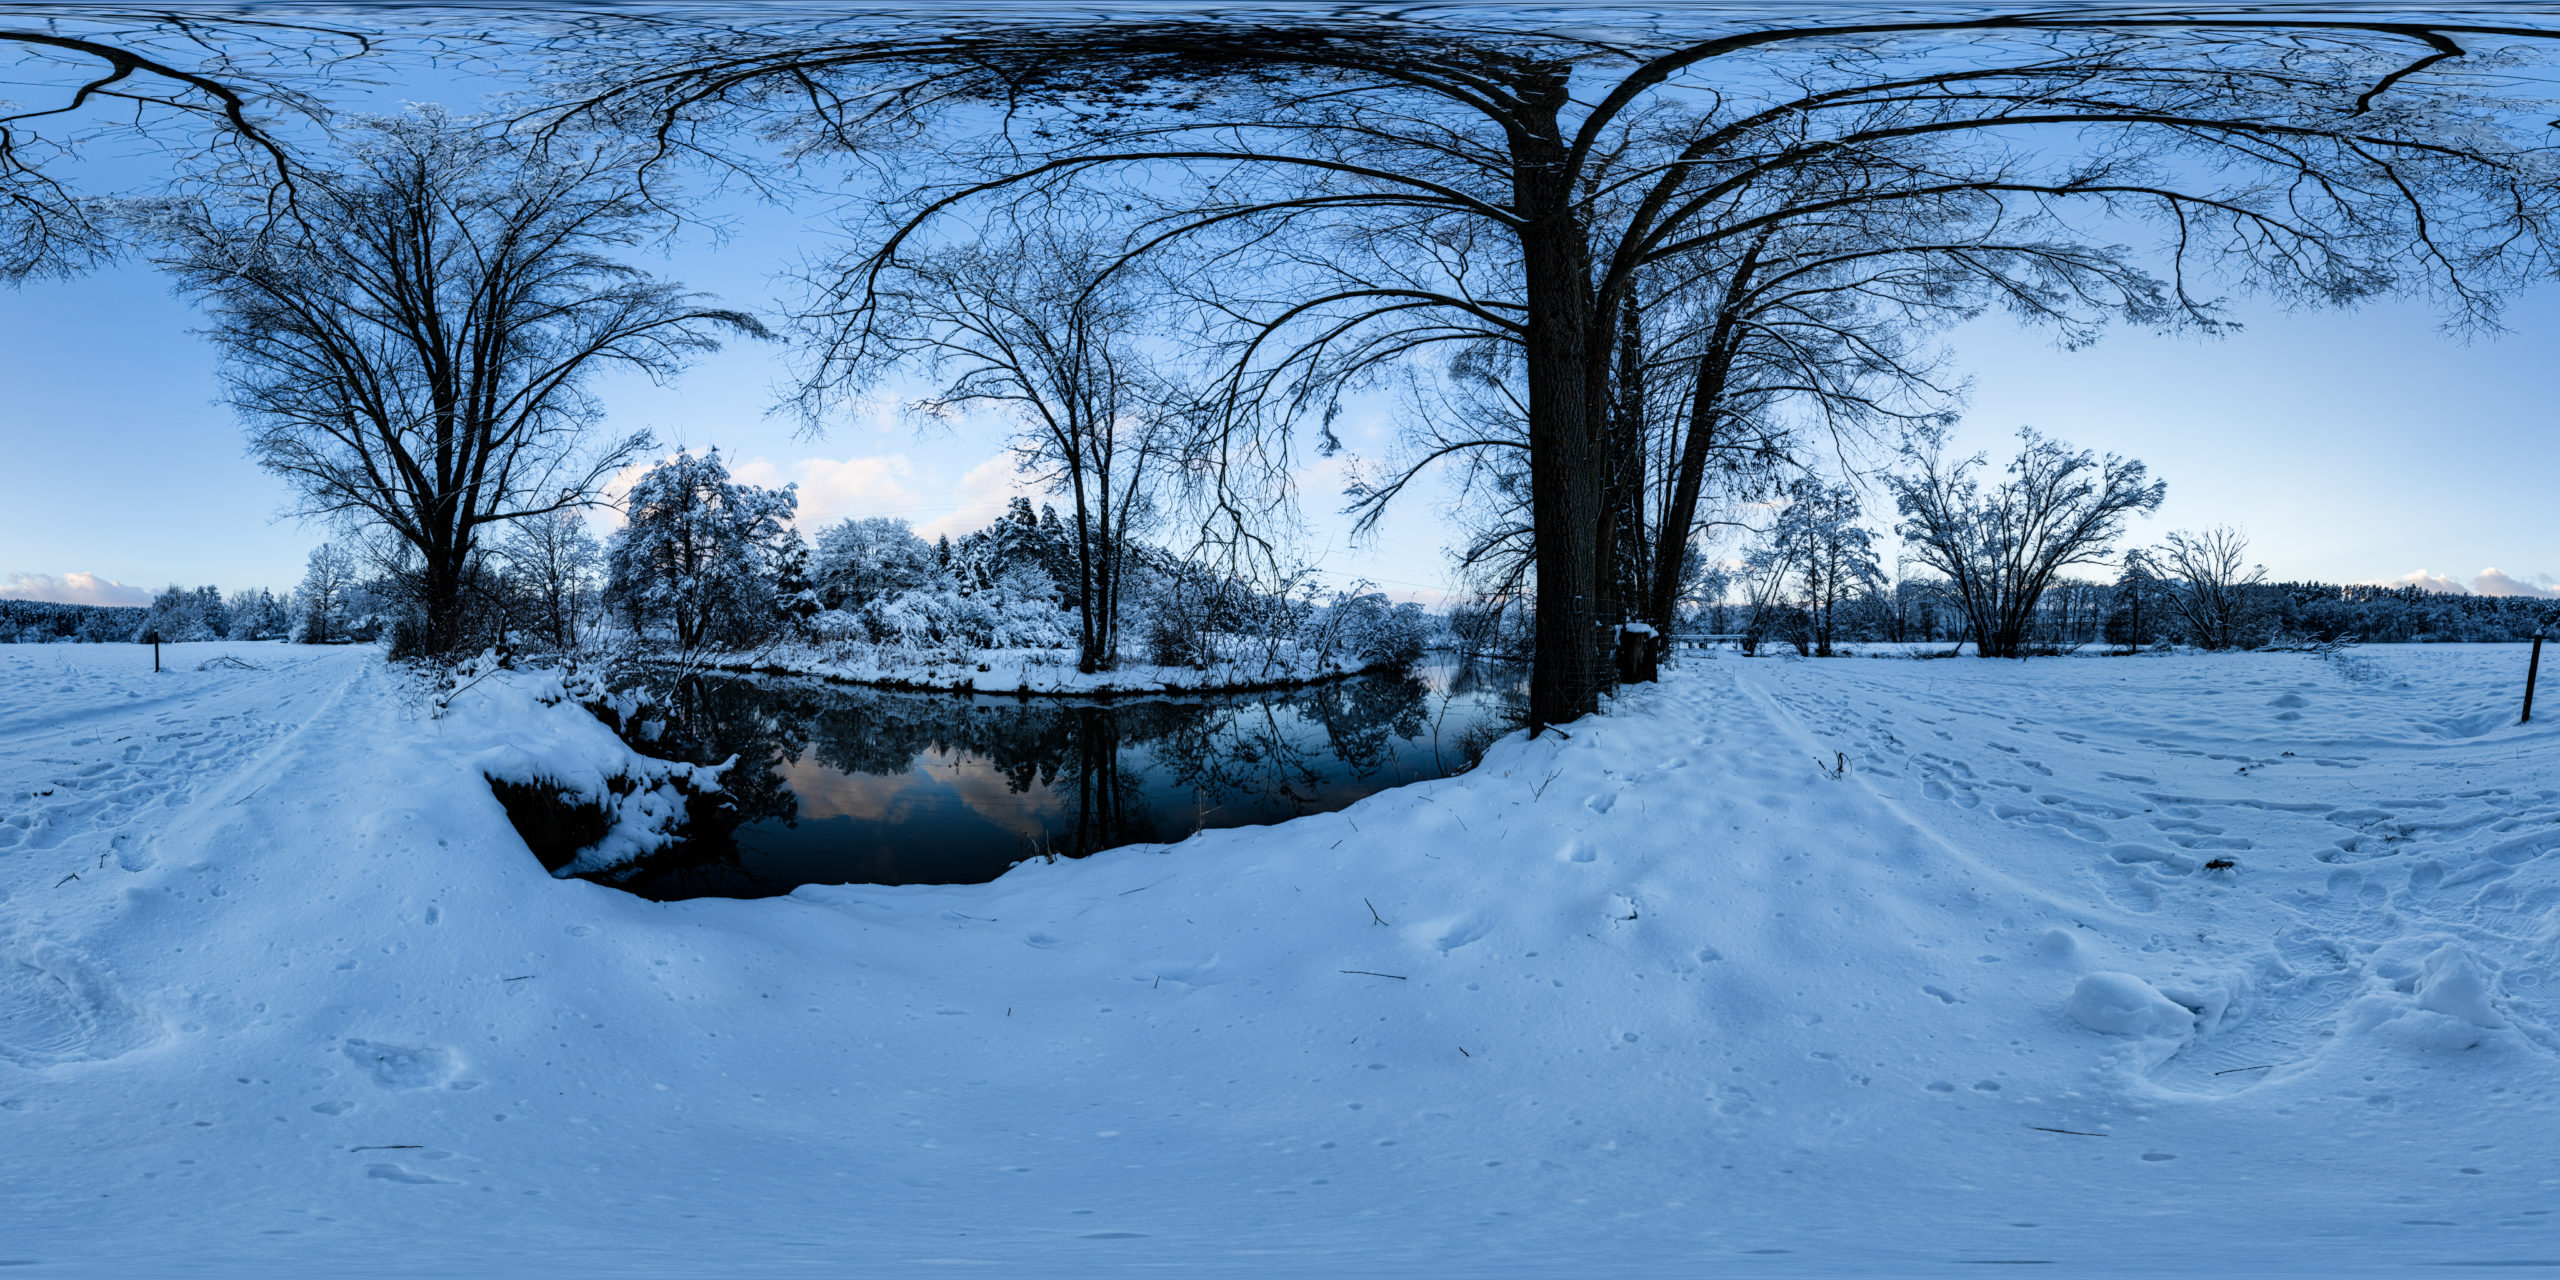 HDRI-Skies-Snowy-Environment-Schwäbische Rezat